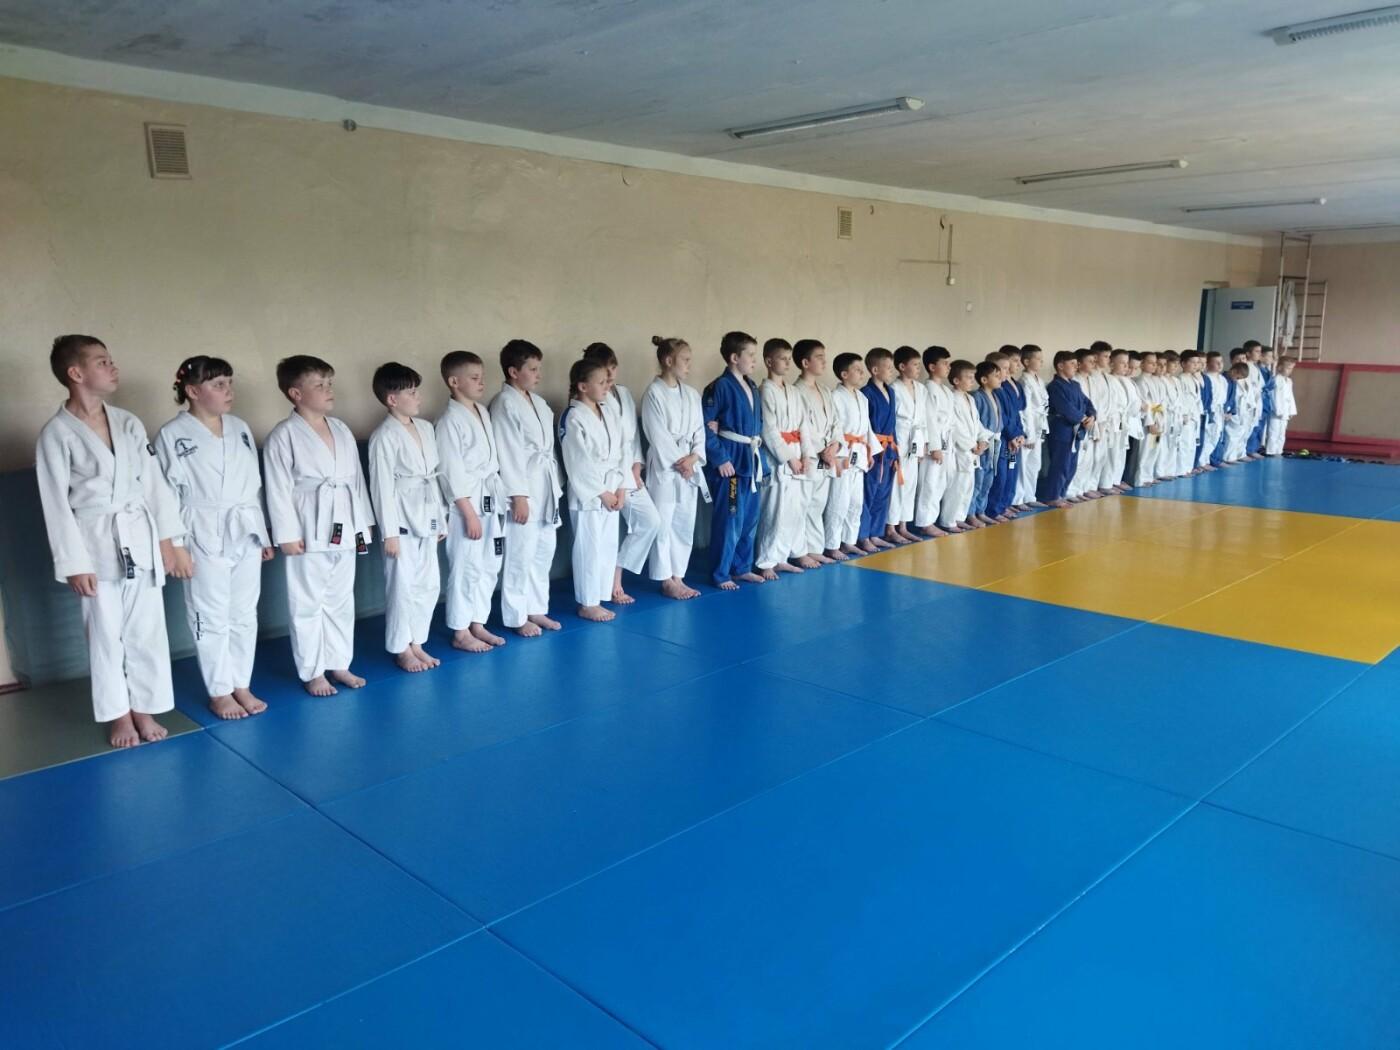 Підсумкові перемоги: у лозівській ДЮСШ «Олімпія» пройшов Чемпіонат з дзюдо, фото-3